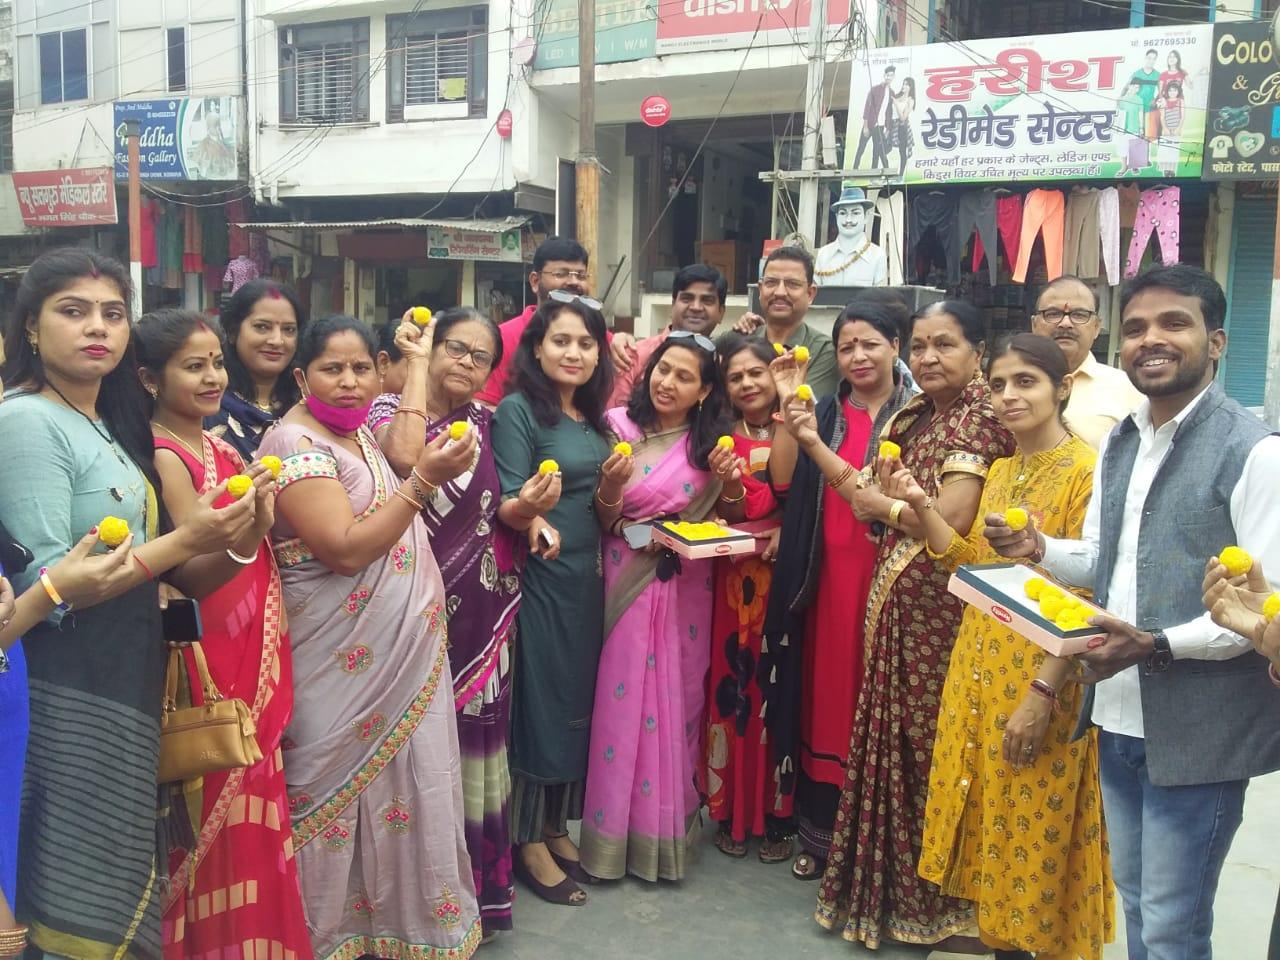 तीरथ सिंह के सीएम बनने पर महिला मोर्चा ने किया मिष्ठान वितरित